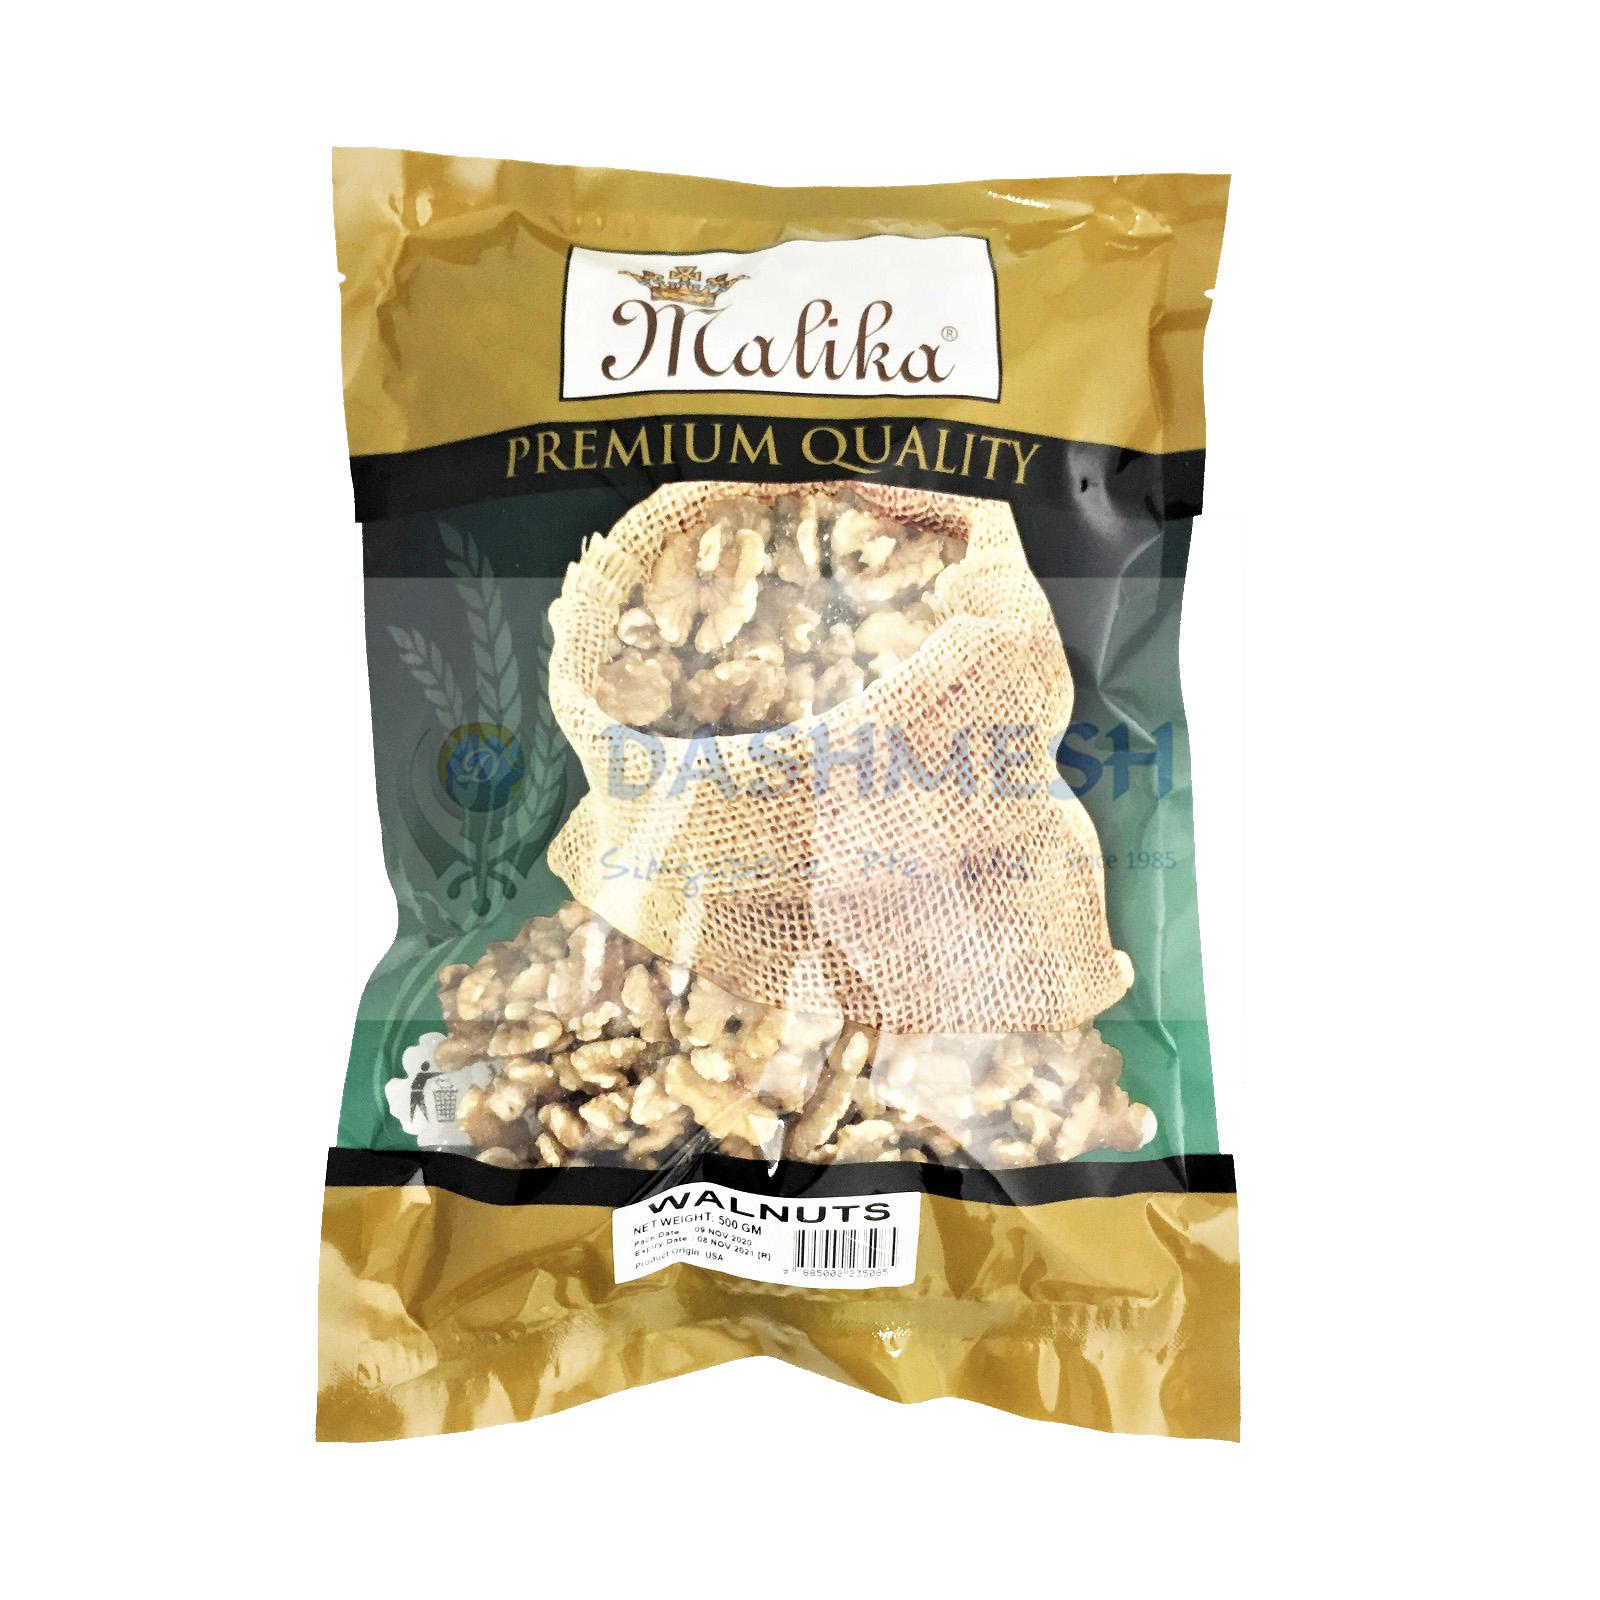 Malika Walnuts 500g